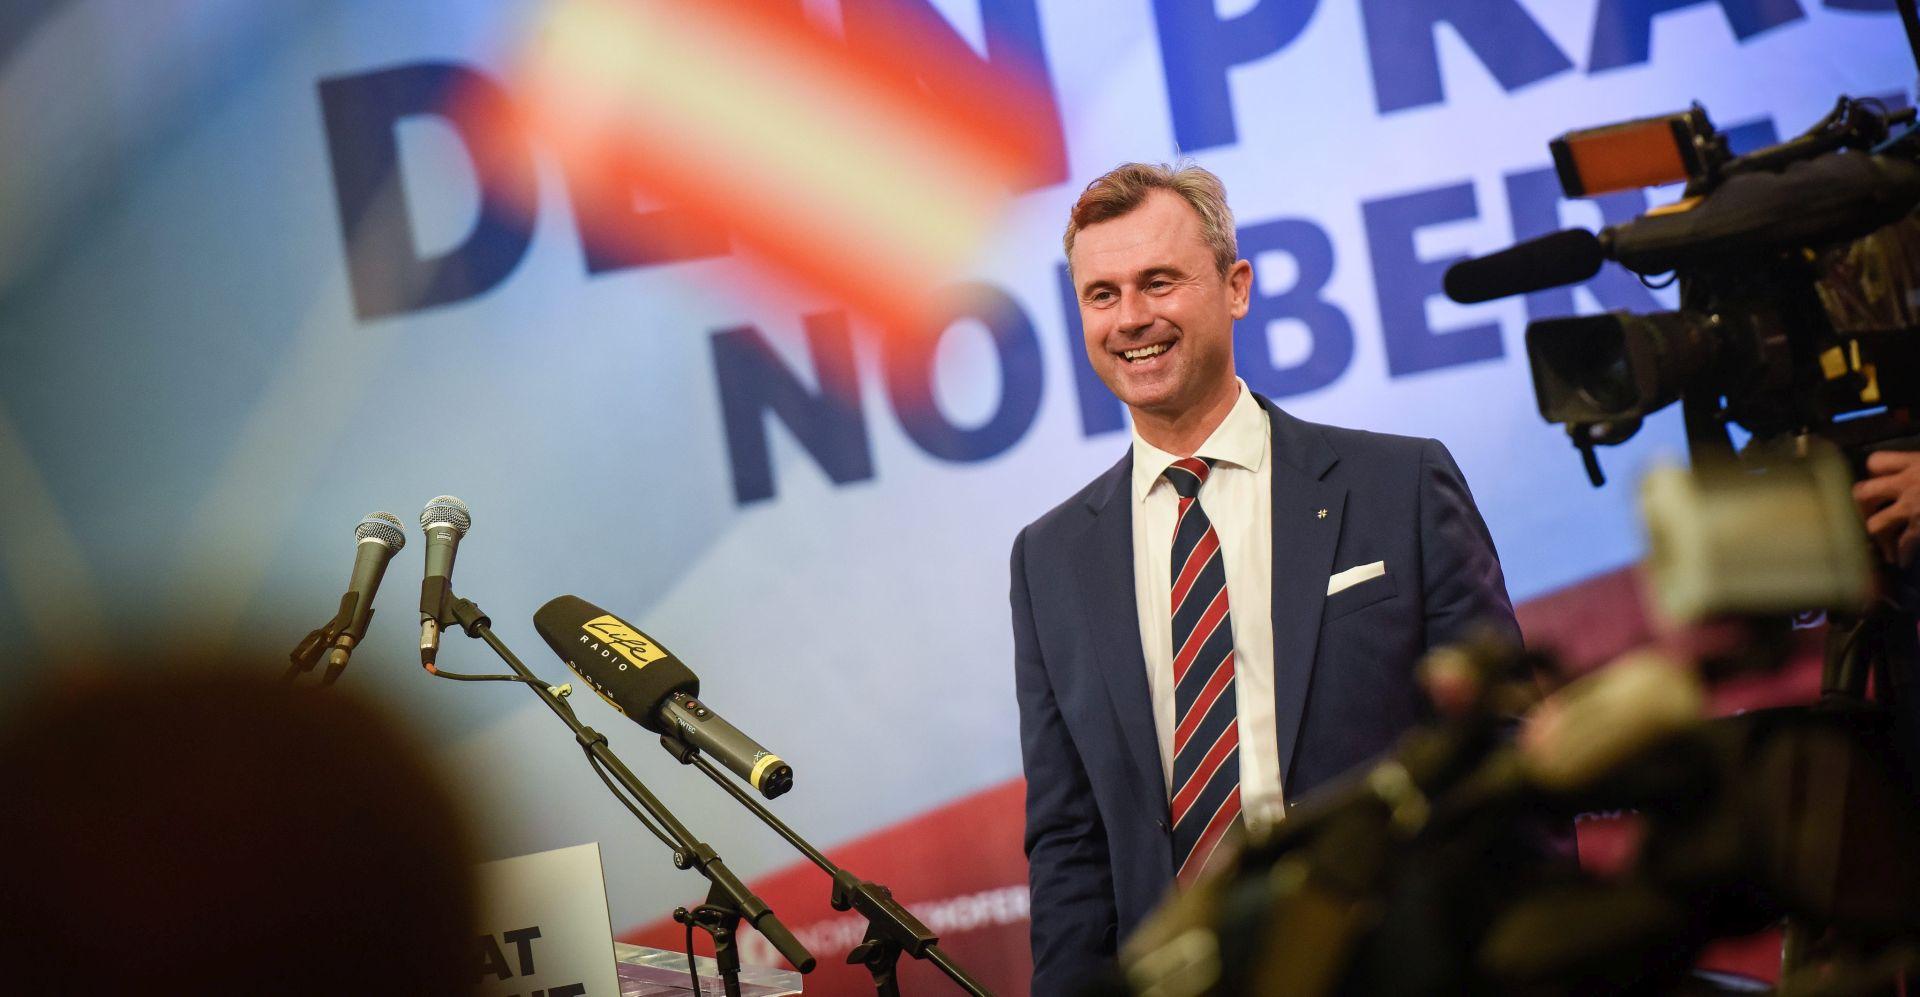 IZBORI U AUSTRIJI: Kandidat krajnje desnice ohrabren Trumpovom pobjedom